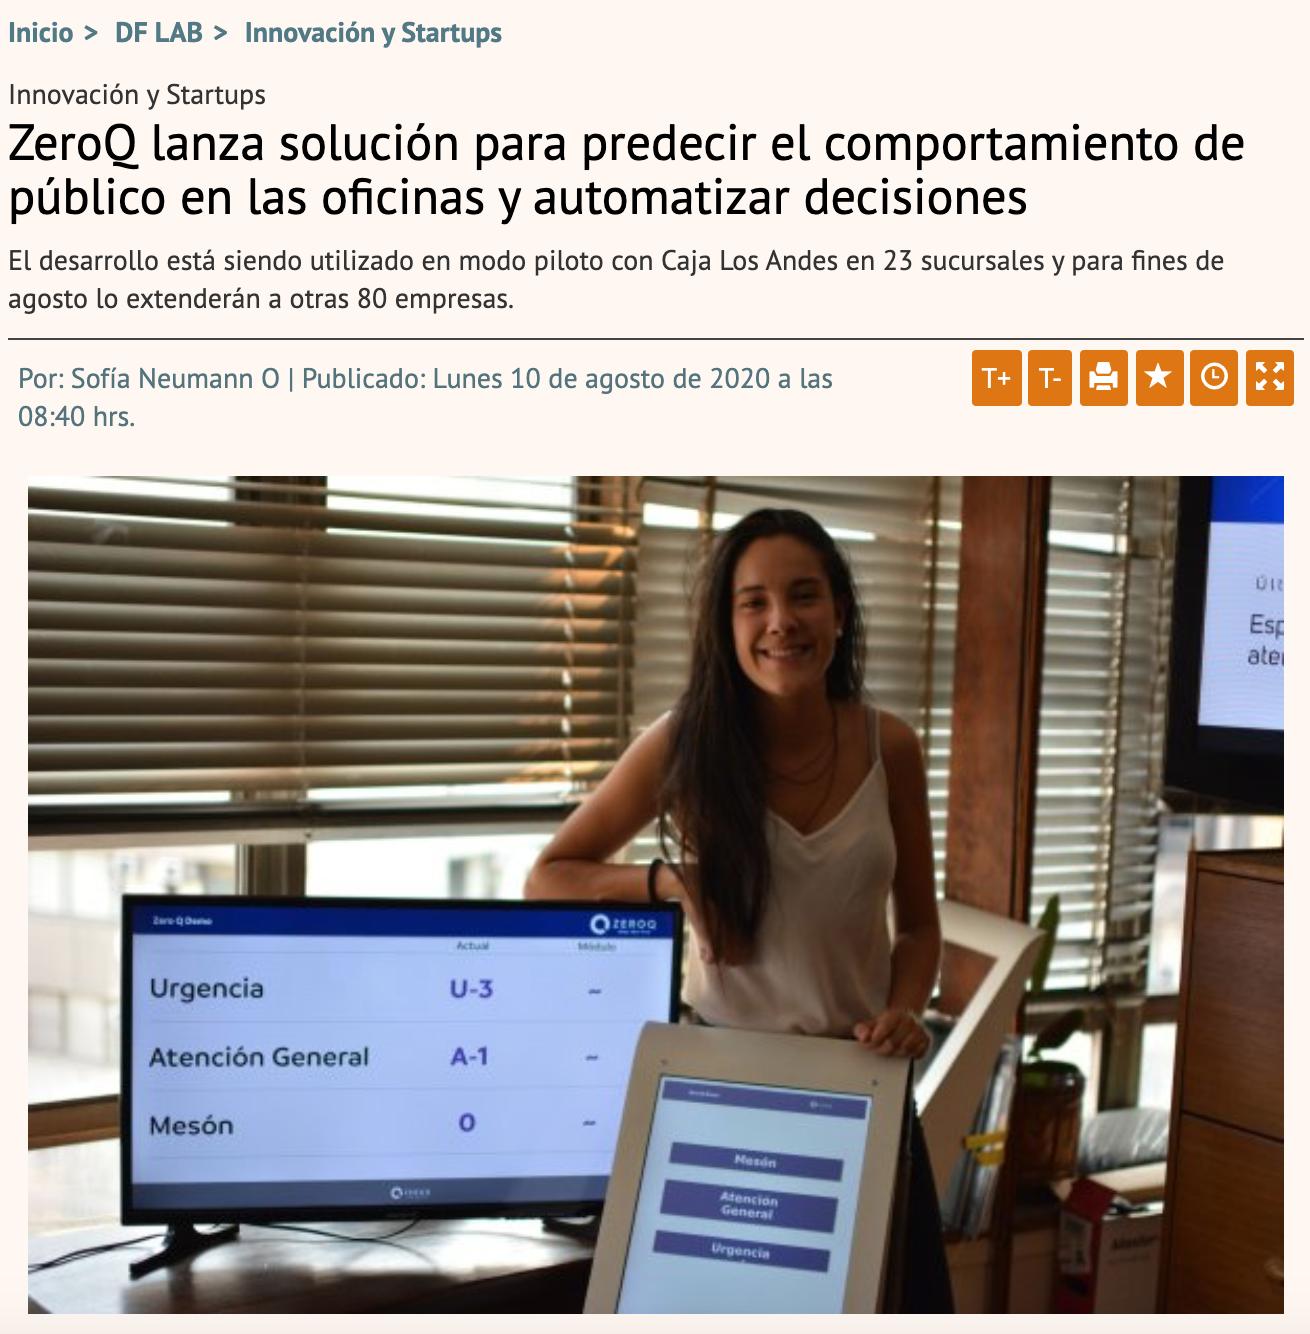 ZeroQ lanza solución para predecir el comportamiento de público en las oficinas y automatizar decisiones